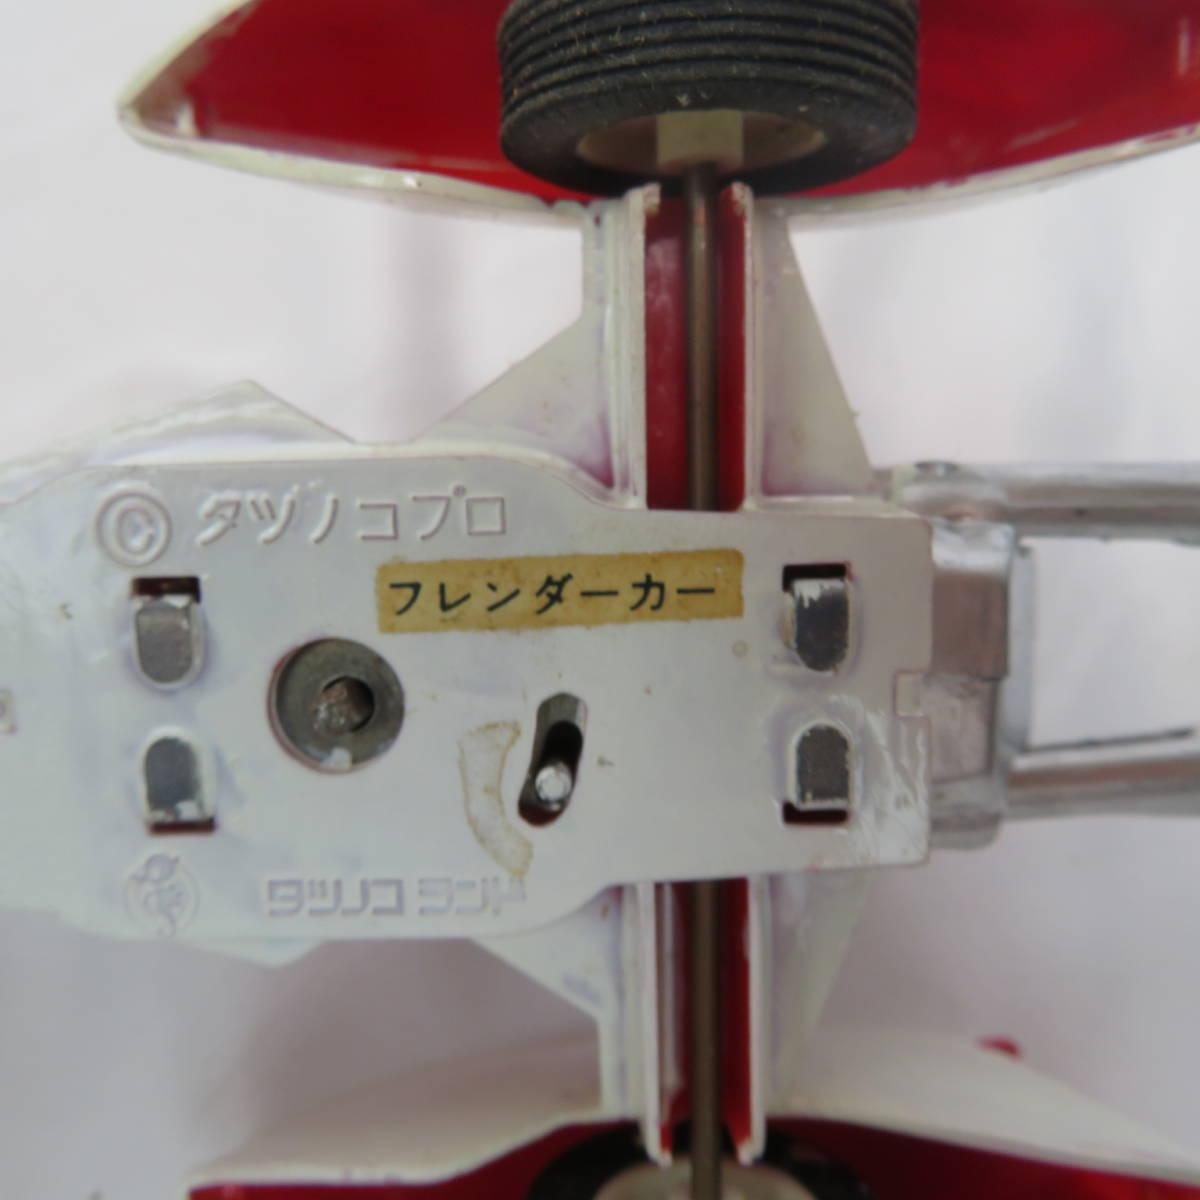 【レトロおもちゃ】タツノコプロ フレンダーカー タツノコランド 新造人間キャシャーン 1973 ジャンク品 _画像6